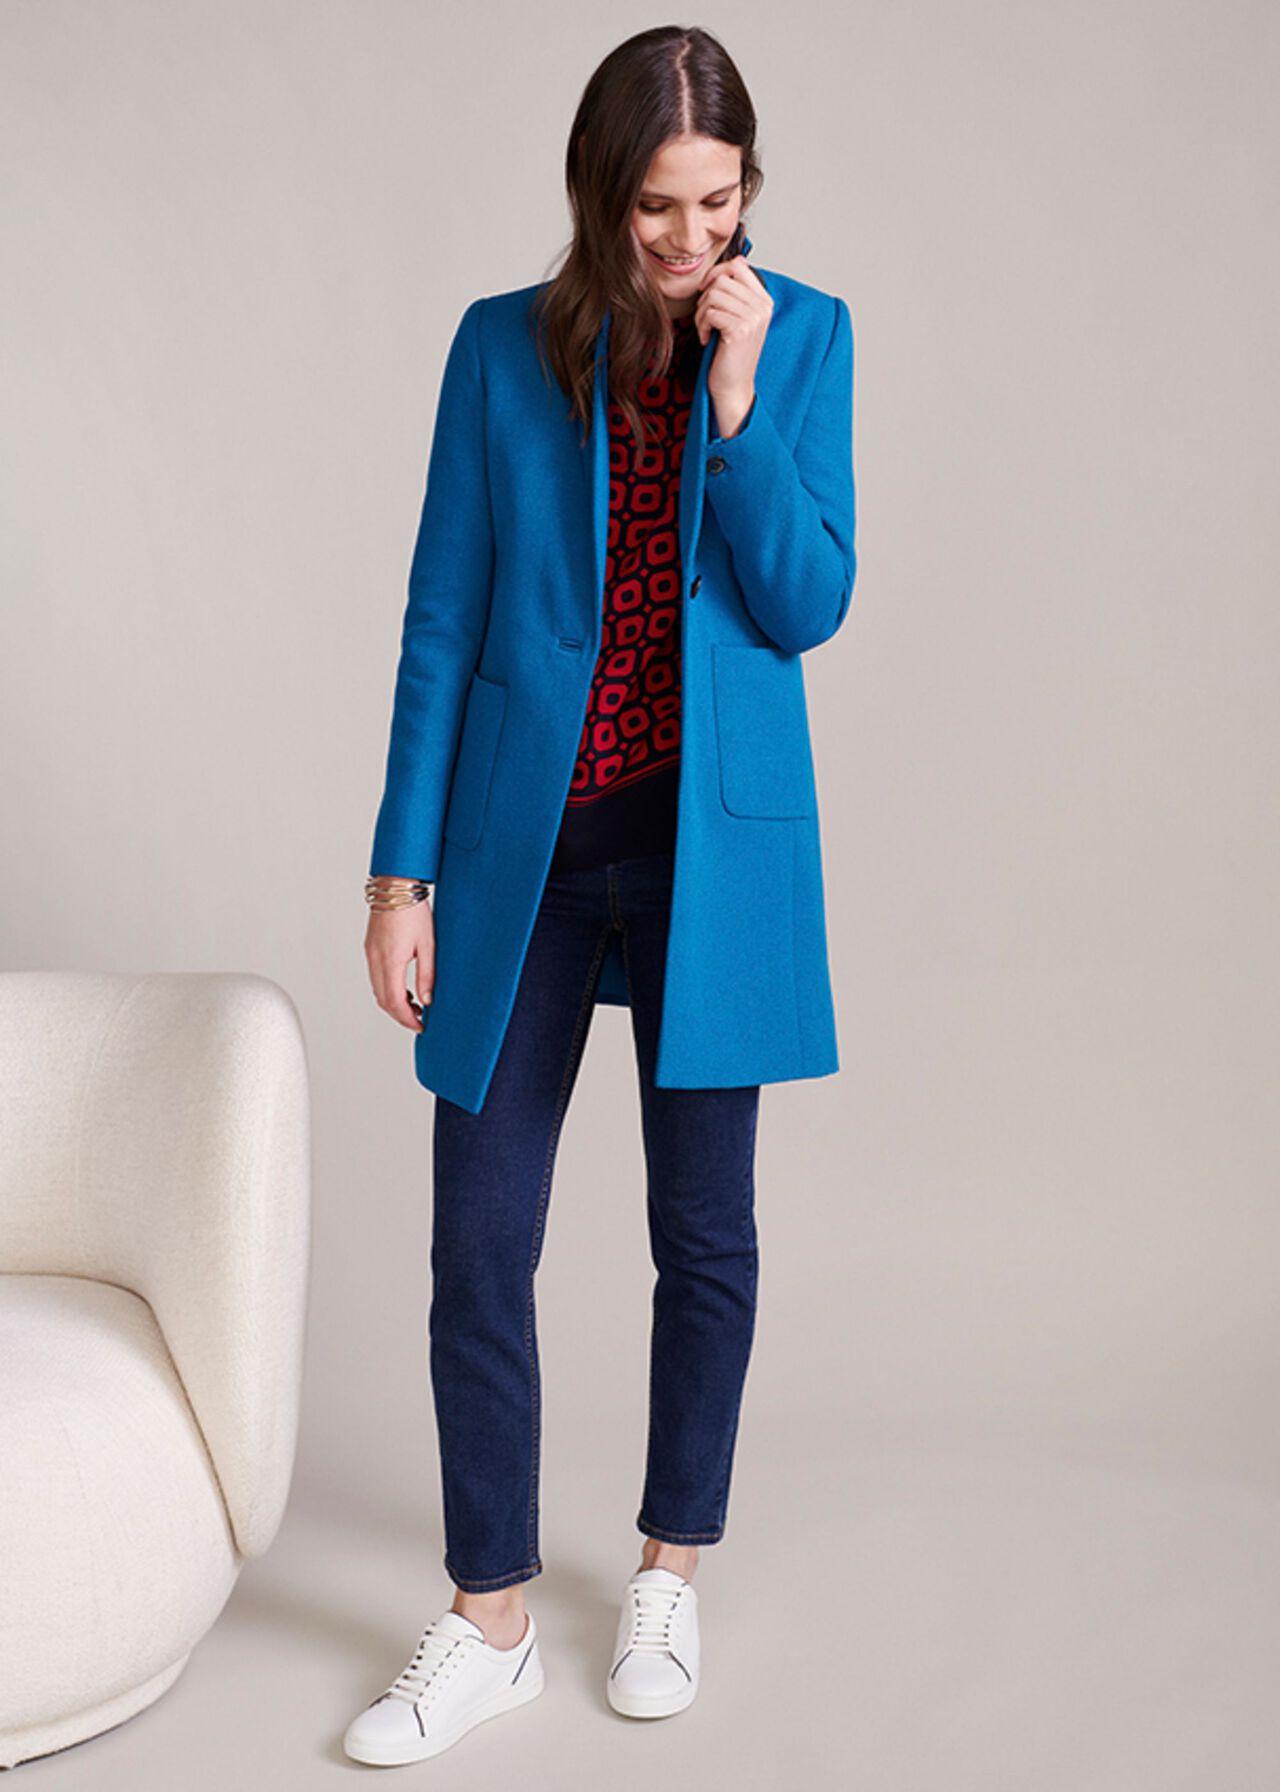 The Blue Corina Coat Outfit, , hi-res